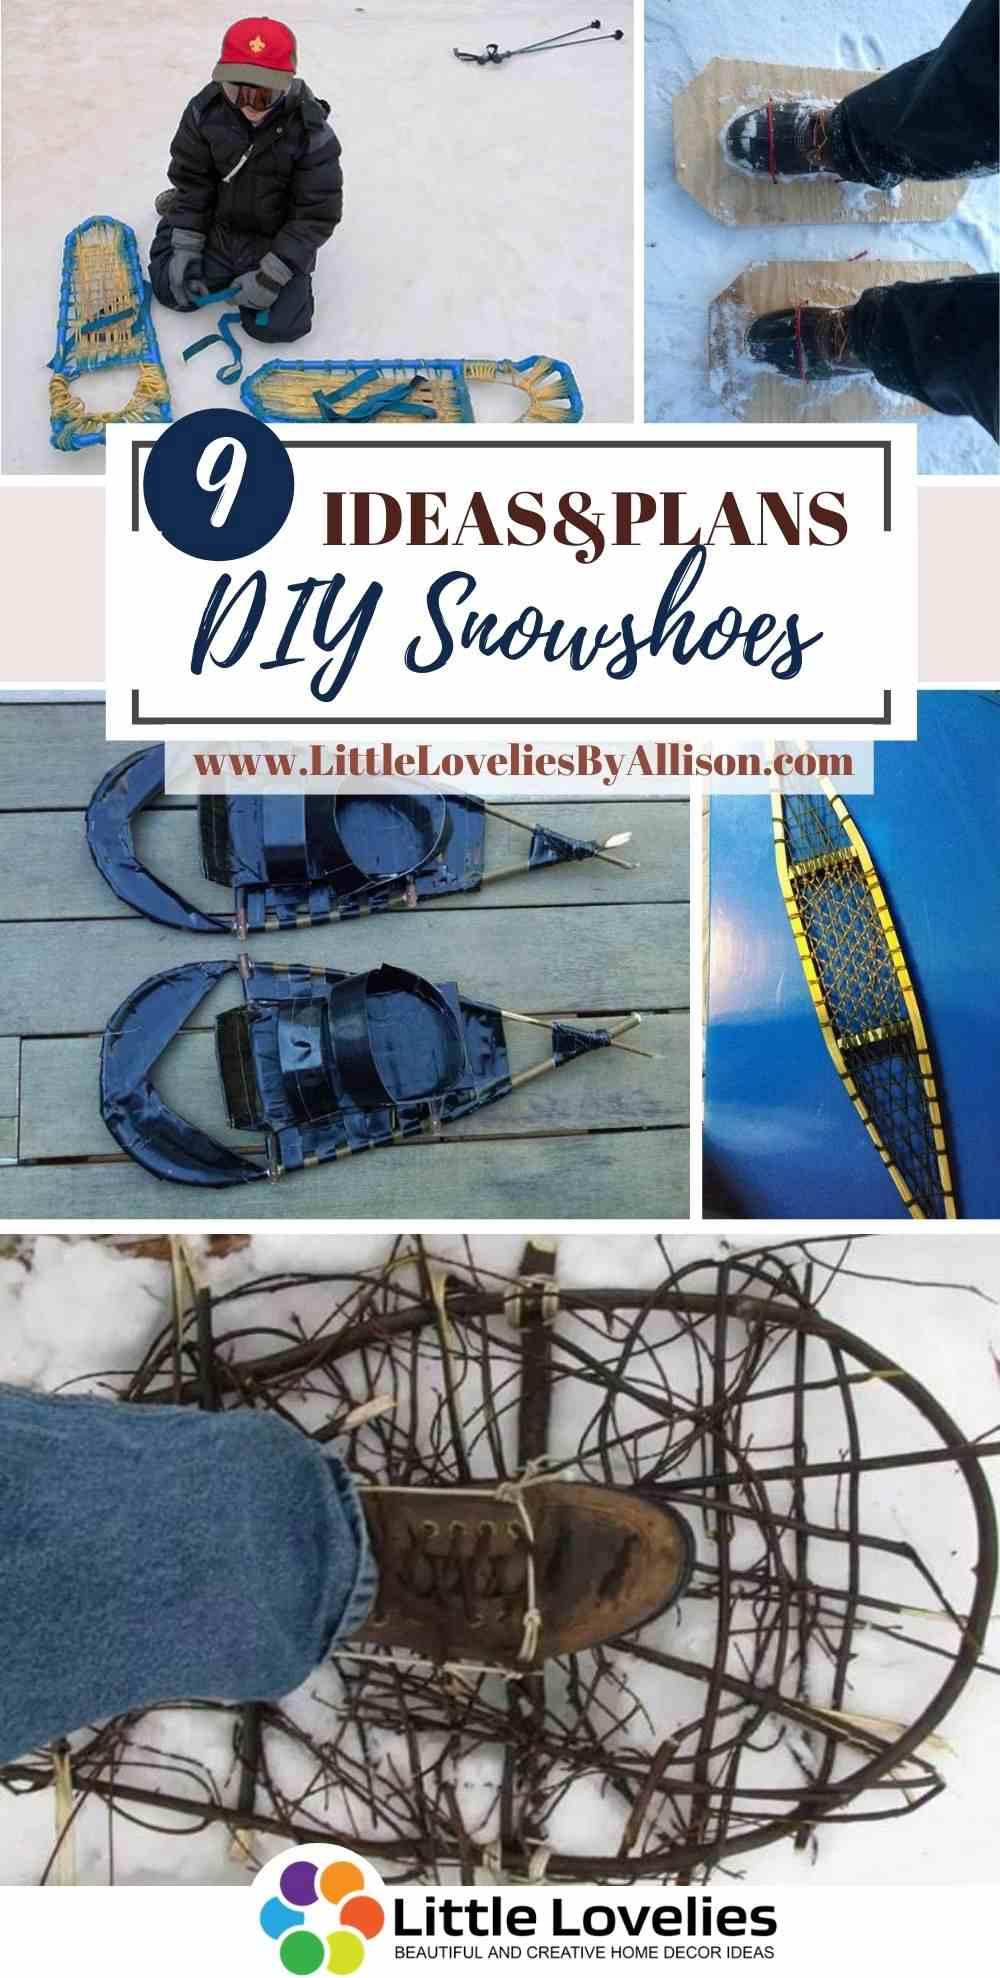 Best-DIY-Snowshoes